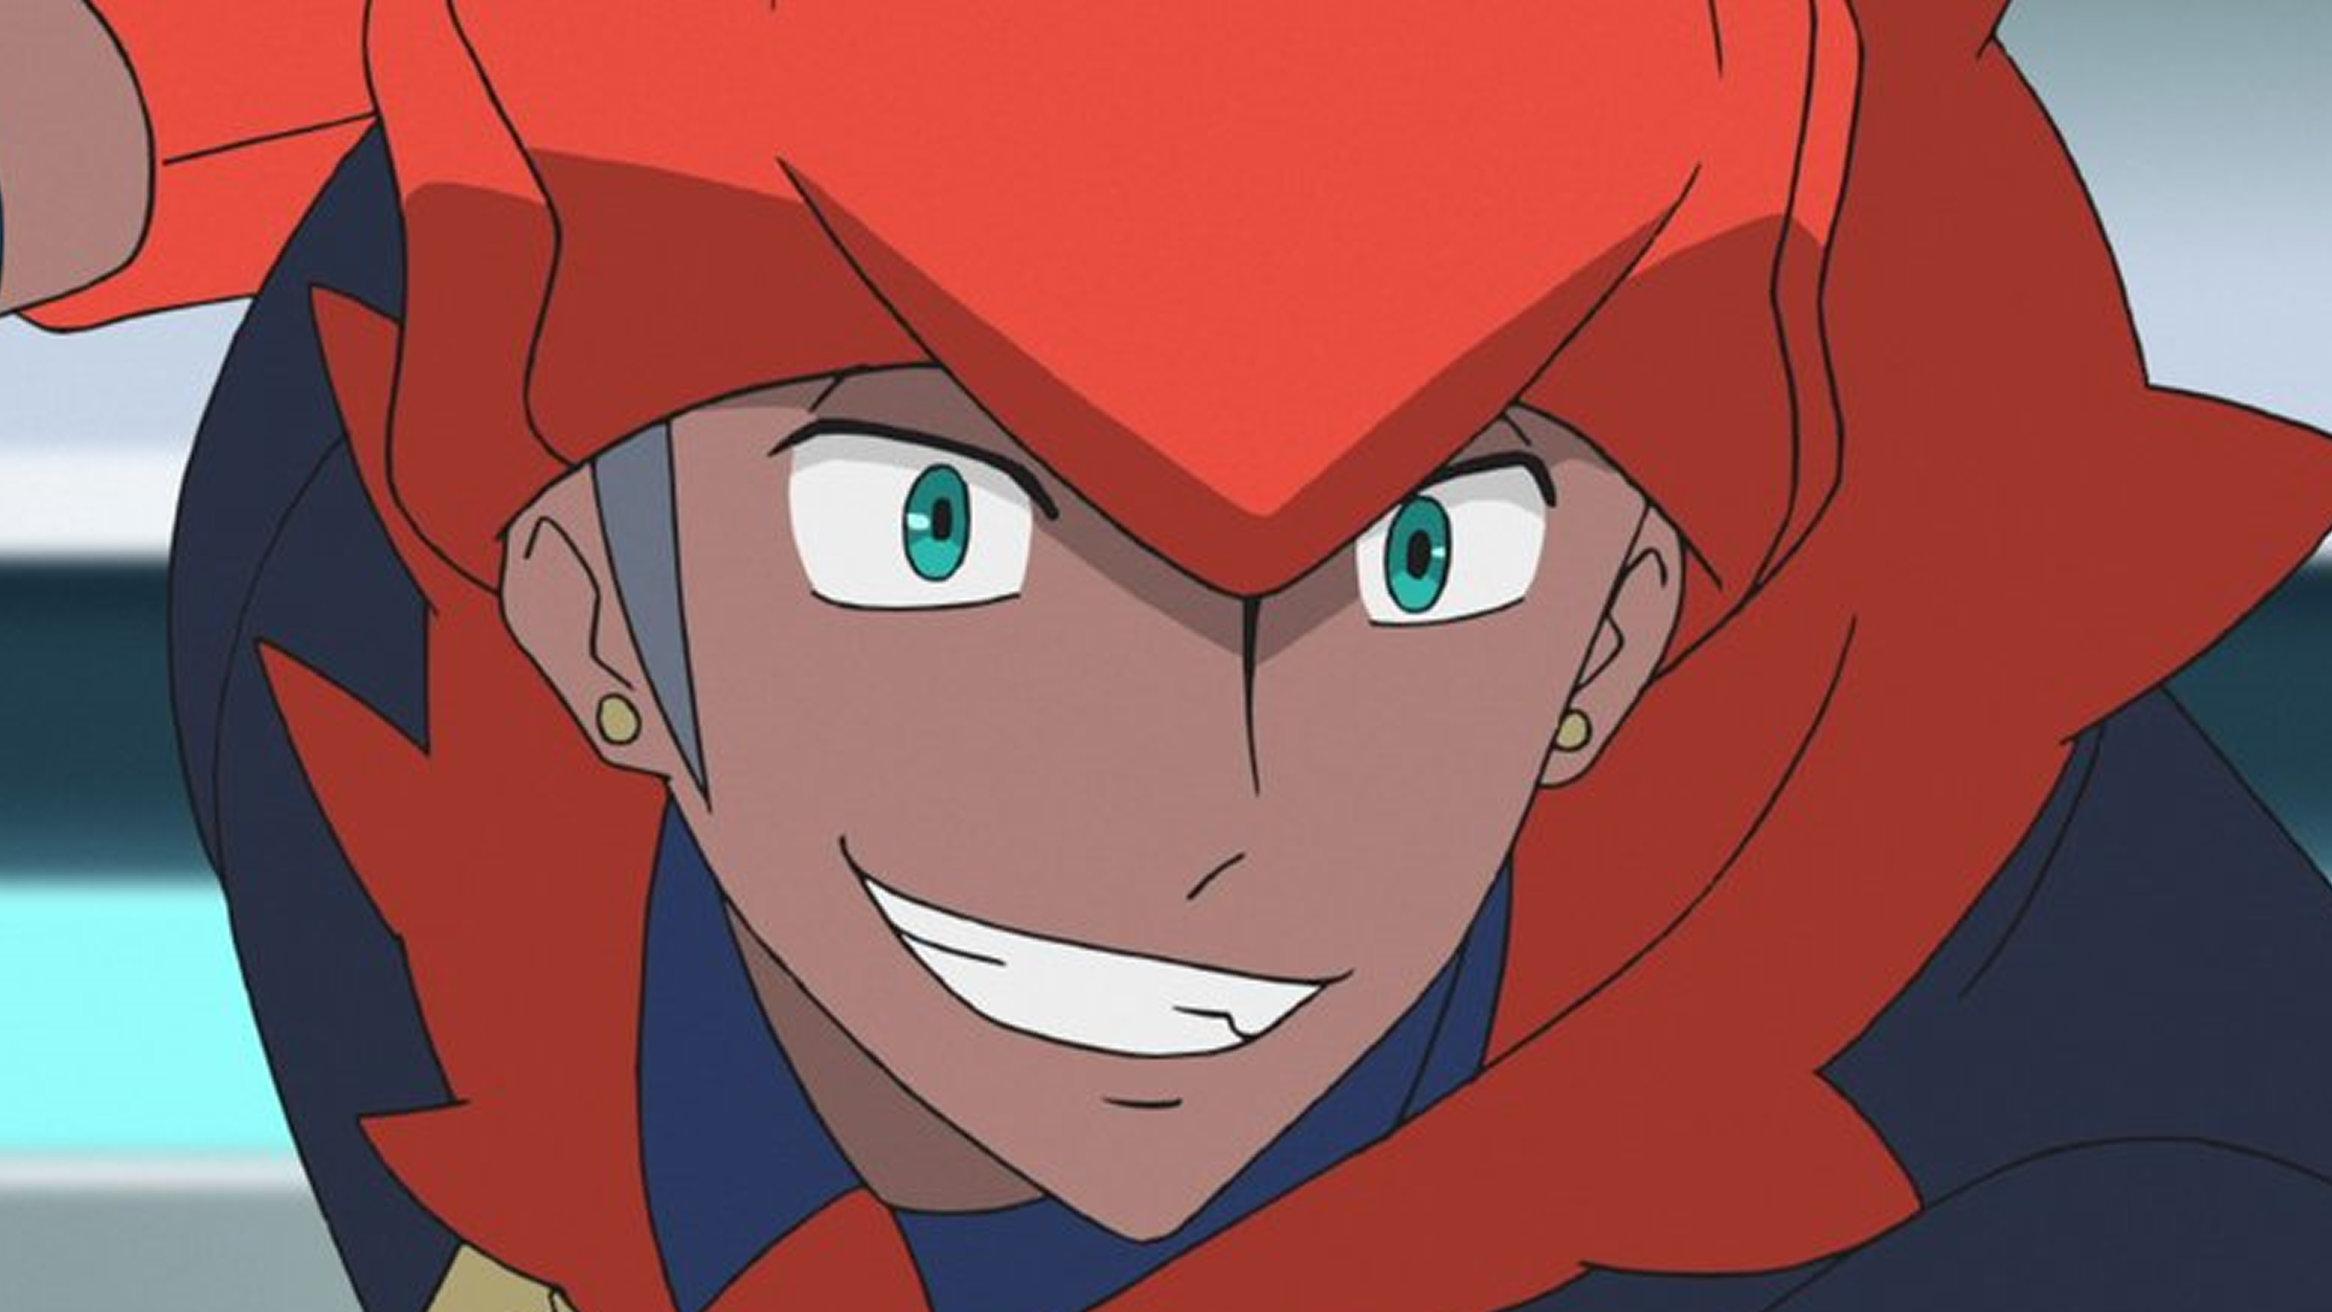 ポケモン アニメ、鈴木達央さんキバナ役に決定。愛情が大きくなる